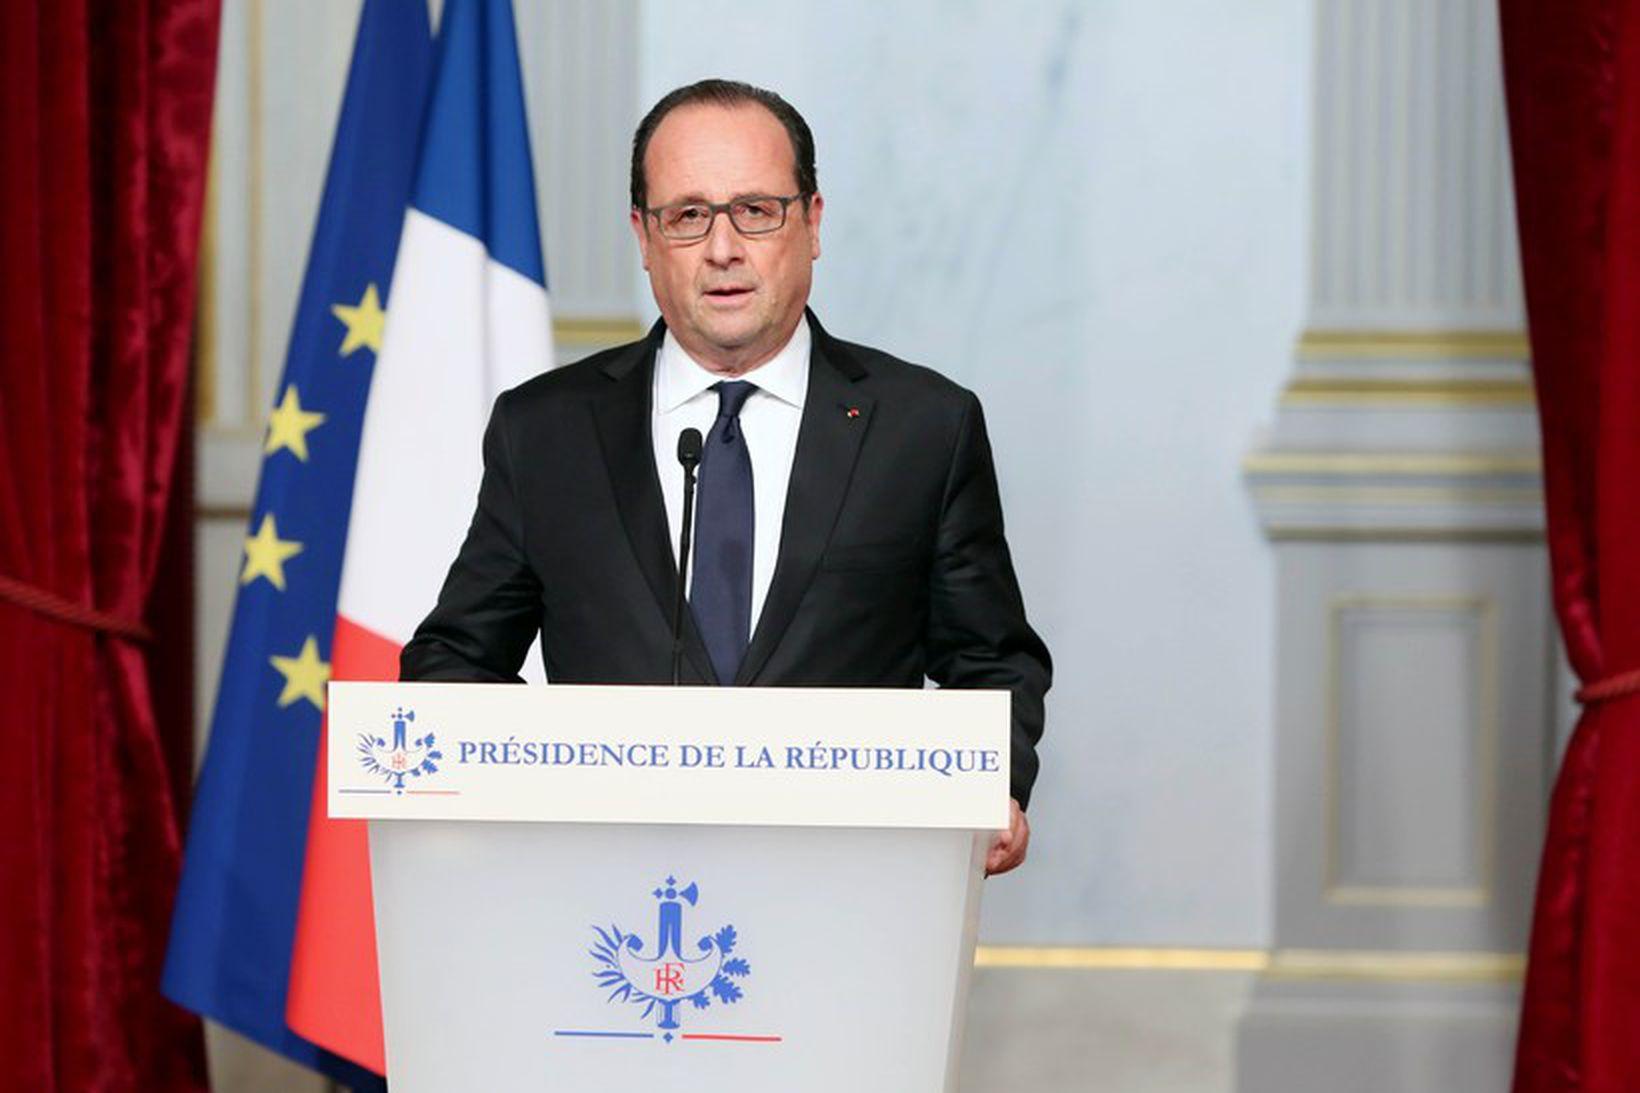 Francois Hollande, forseti Frakklands, ávarpar þjóð sína í kjölfar árásanna.